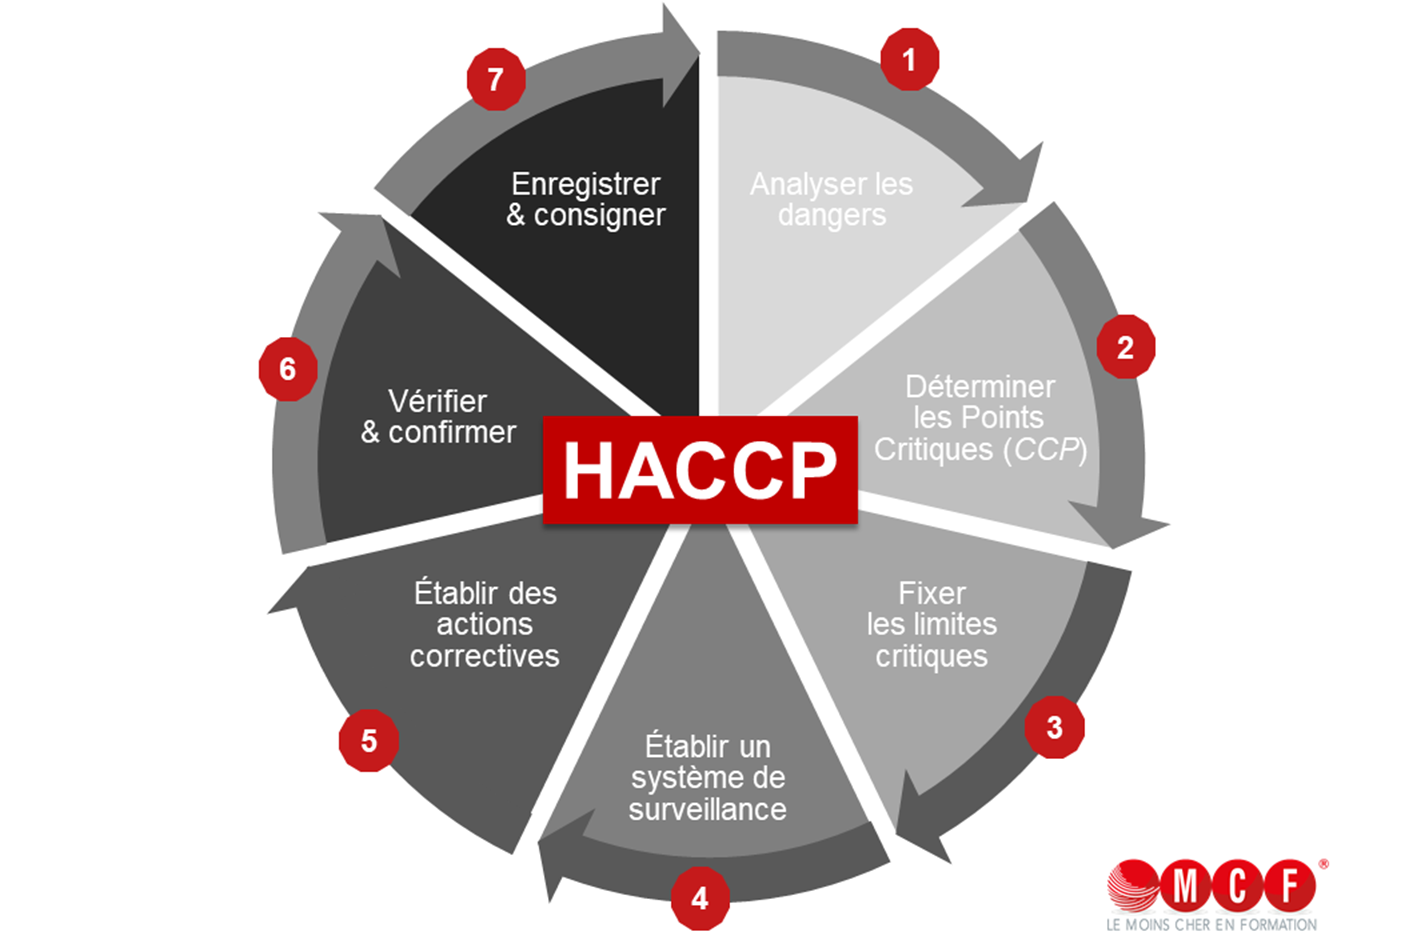 LES 7 PRINCIPES DE HACCP